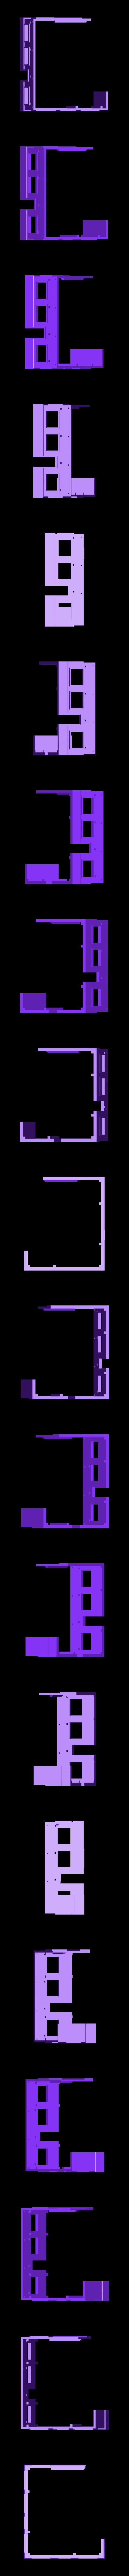 Office_Walls.stl Télécharger fichier STL gratuit Opérations de triage à l'échelle HO • Design imprimable en 3D, kabrumble